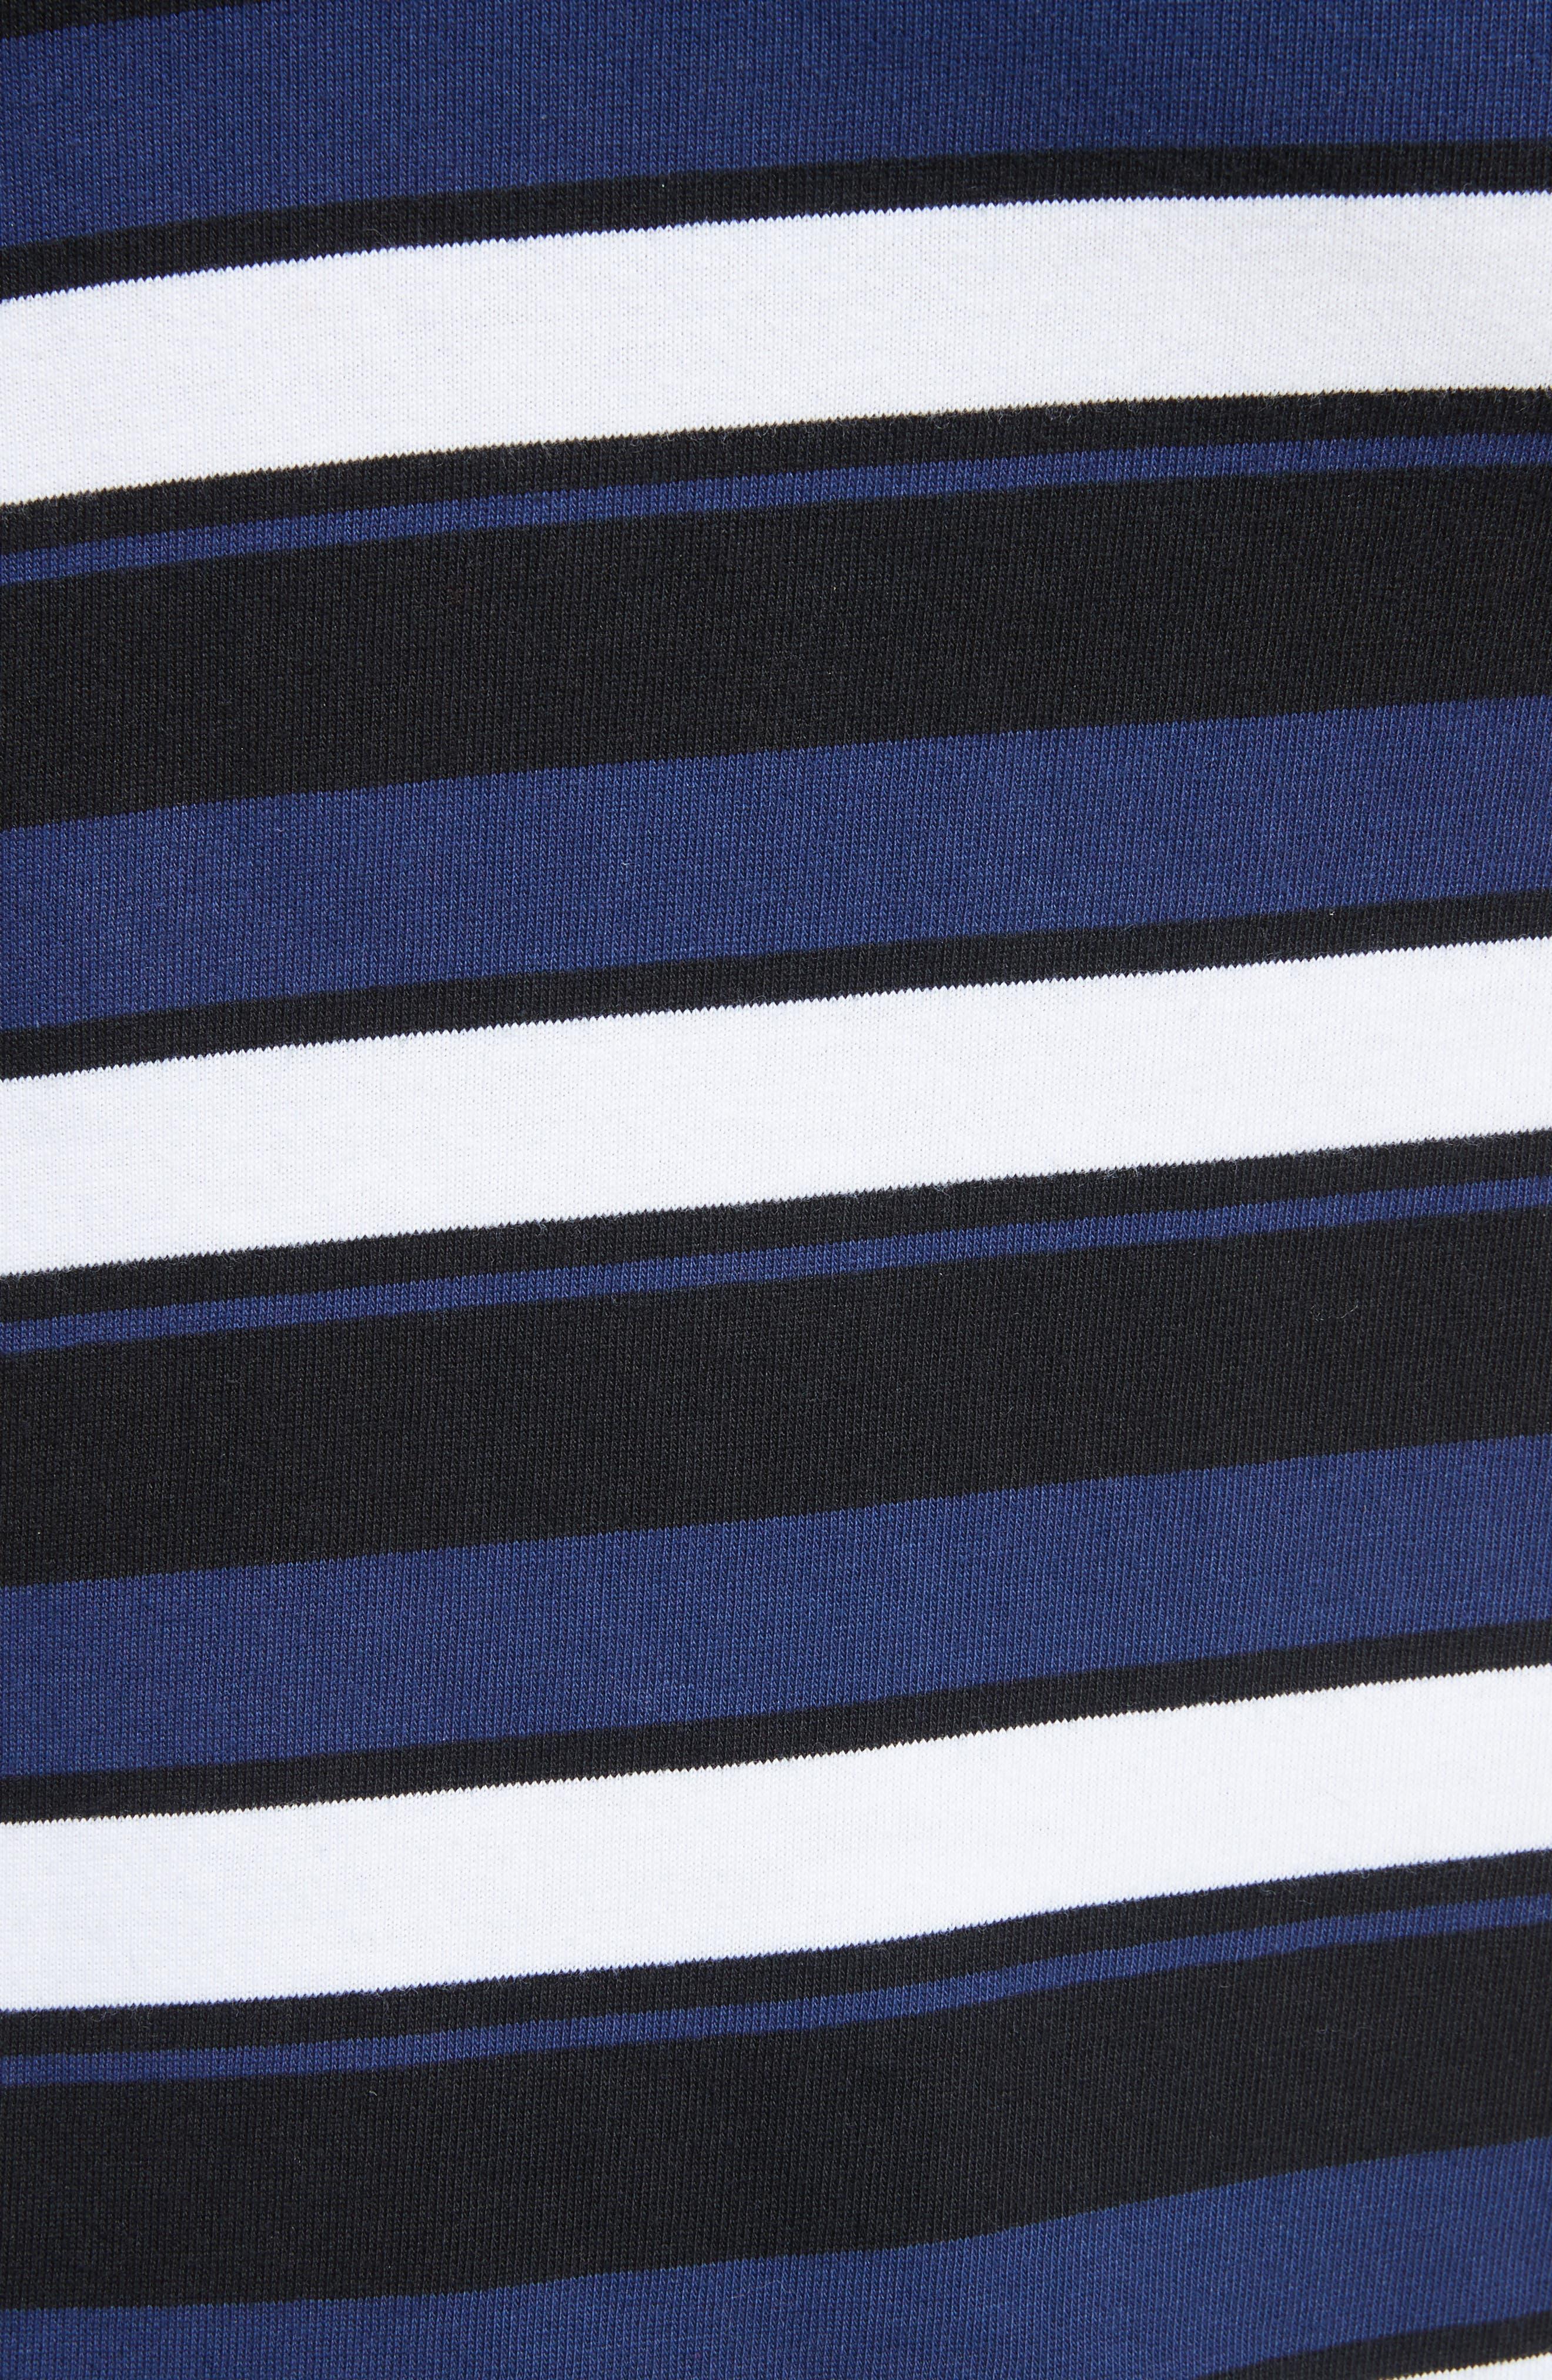 Stripe Maxi Skirt,                             Alternate thumbnail 5, color,                             Cobalt-Black